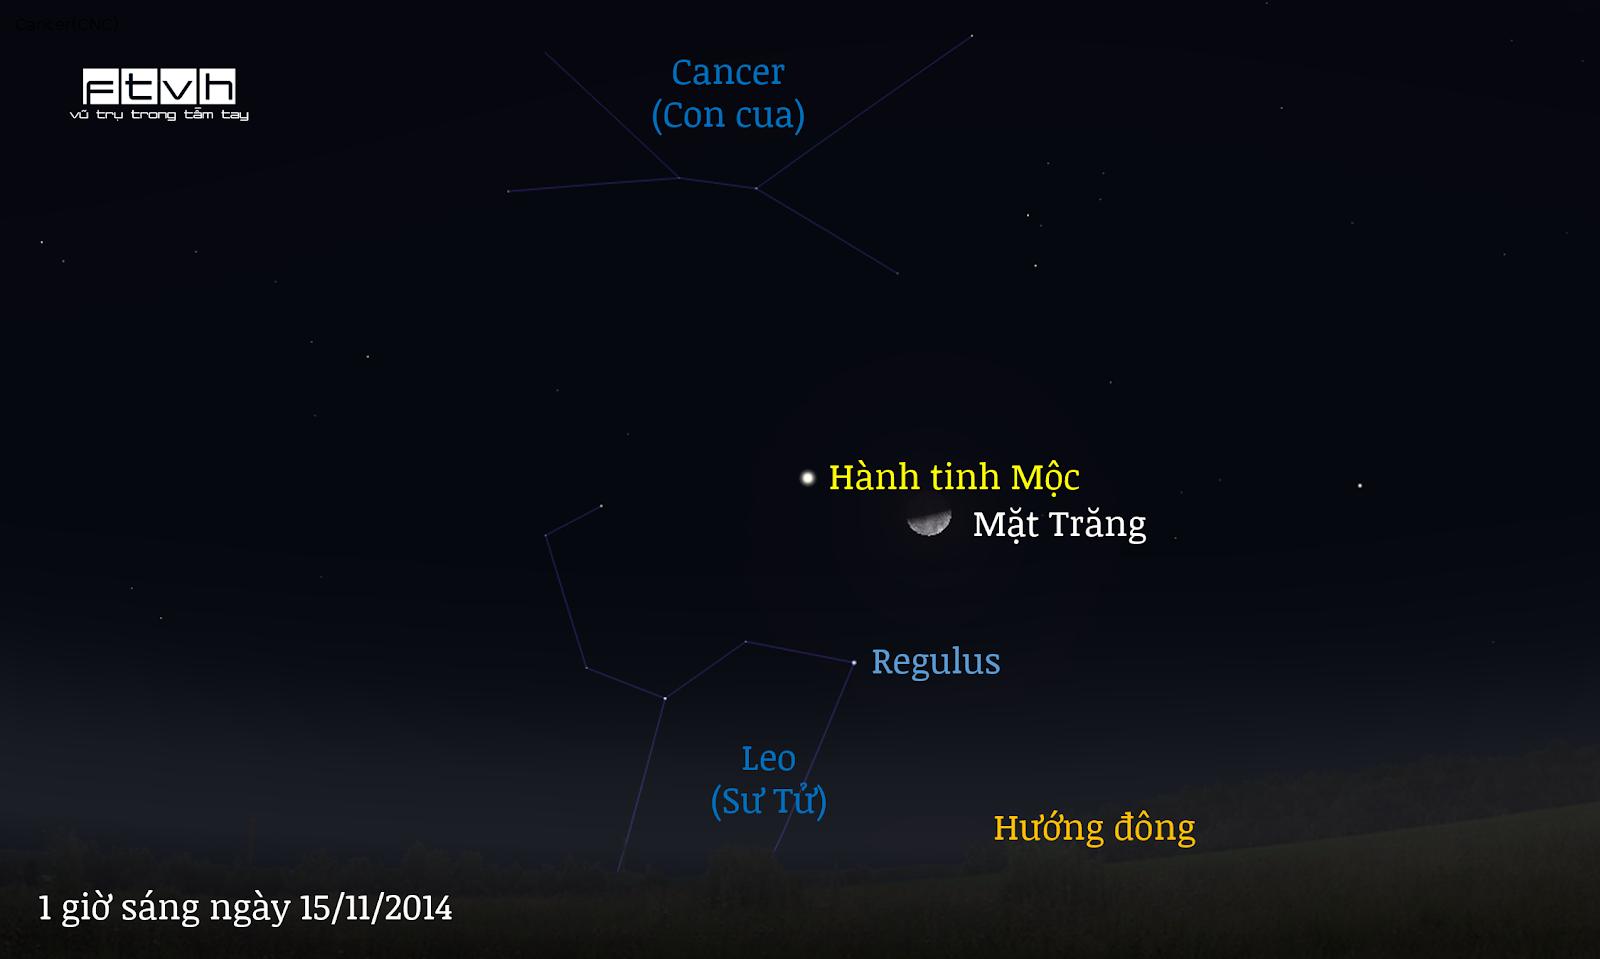 Minh họa bầu trời hướng đông vào lúc 1 giờ sáng ngày 15/11/2014 khi trăng hạ huyền vừa mọc lên.